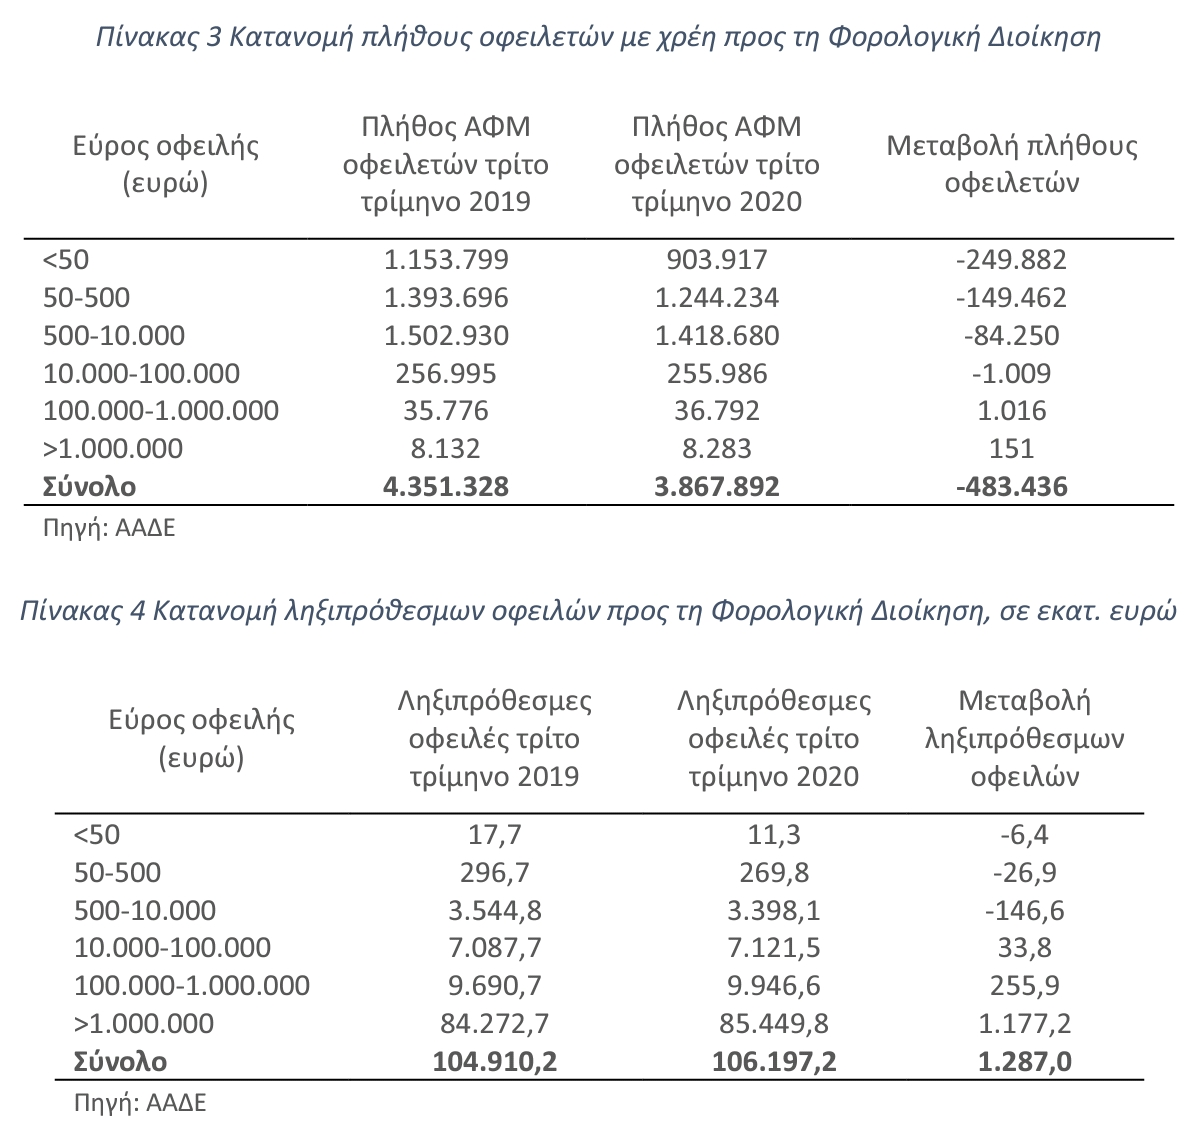 Οι μεγαλοφειλέτες «φεσώνουν» αλύπητα το Δημόσιο -151 άτομα επιπλέον με χρέη άνω του 1 εκατ. ευρώ